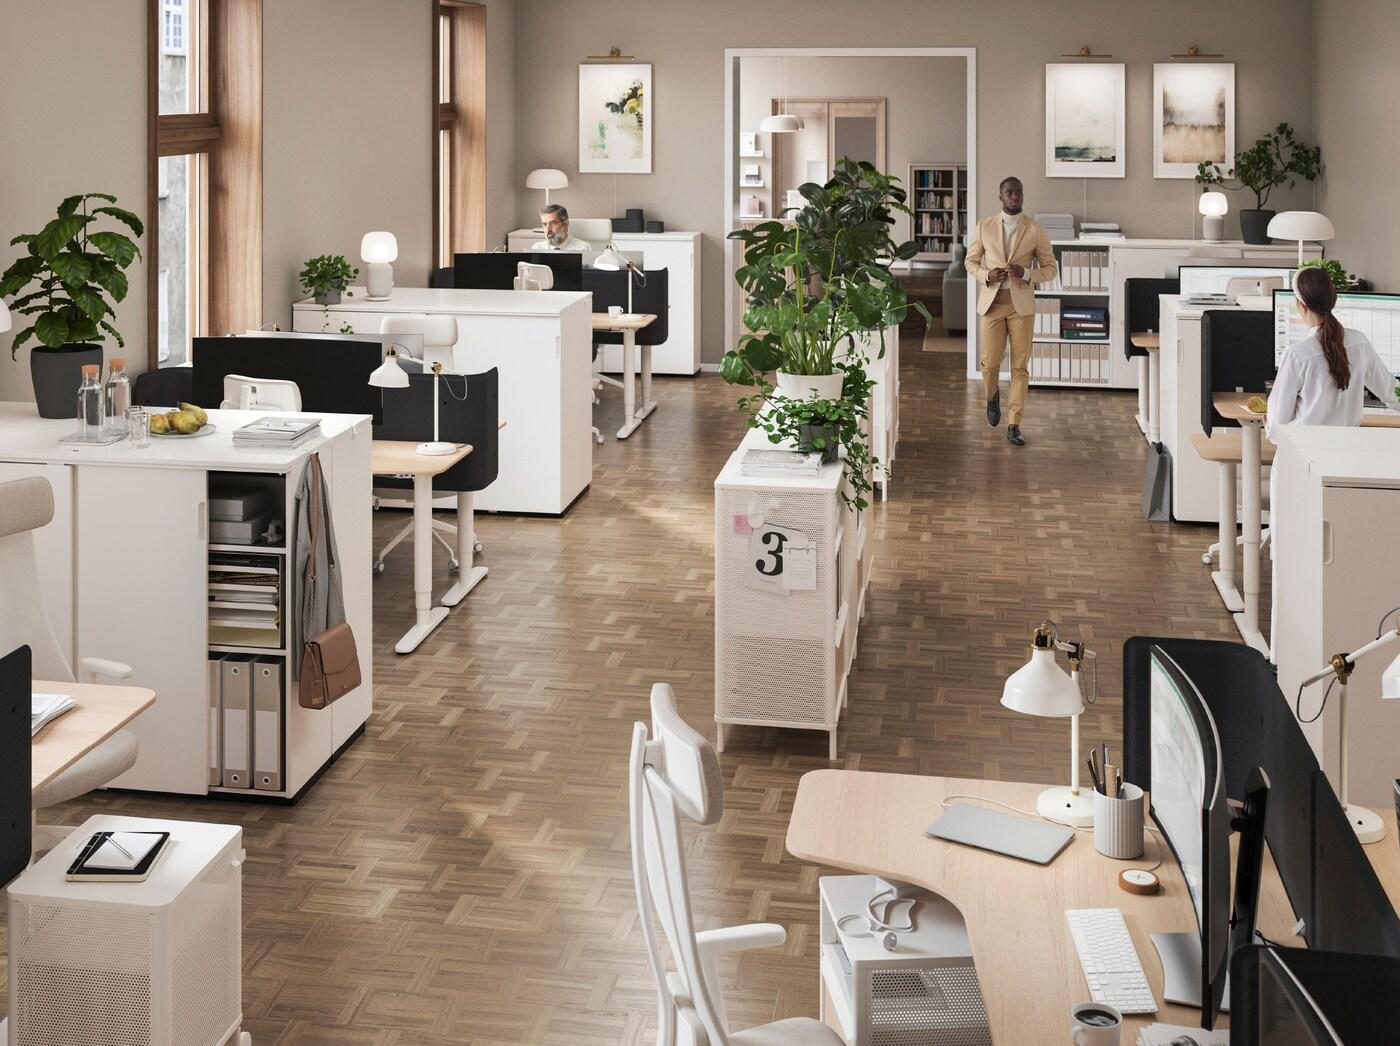 Kancelář v otevřeném prostoru, uprostřed úložný systém s rostlinou a pracovní místa po stranách.